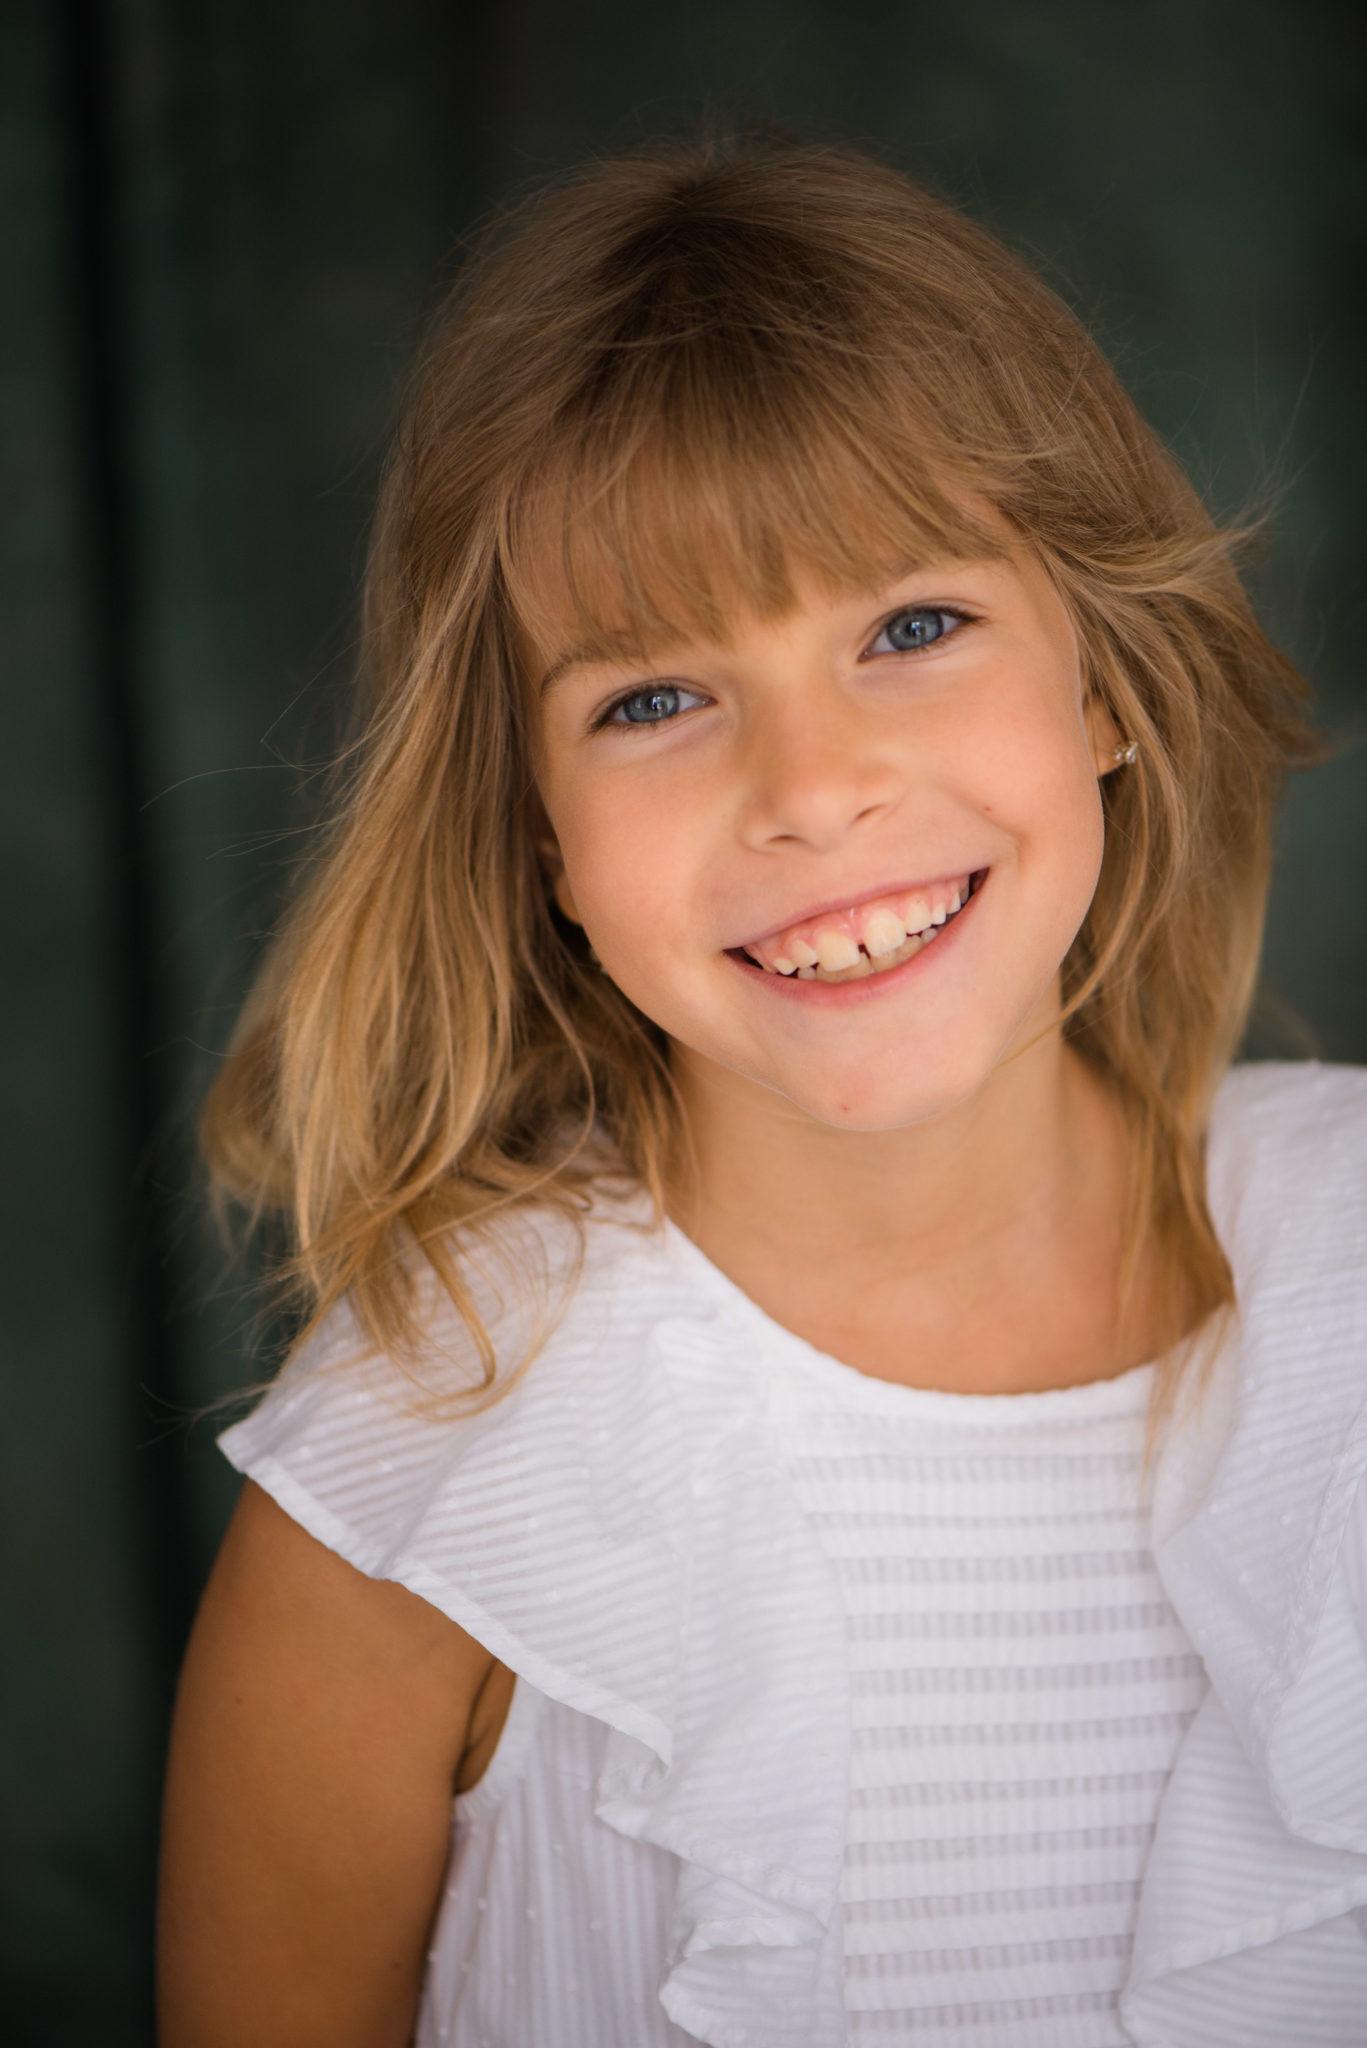 Детская фотосессия, ребенок в белом платье на зеленовом тканевом фоне улыбается в камеру